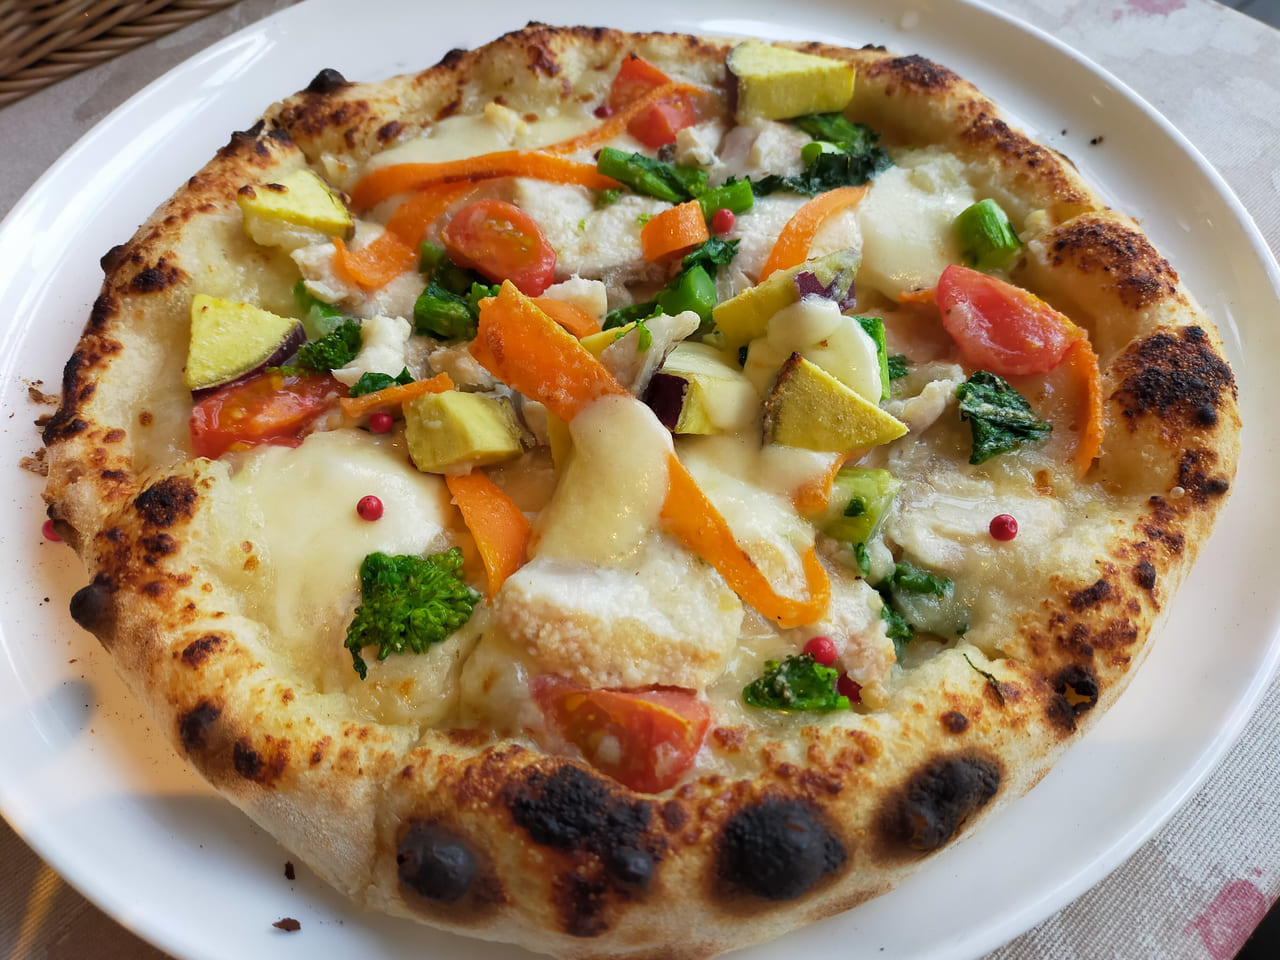 「アマルフィ ホワイトガーデン」で季節感いっぱいのイタリアンランチはいかが?